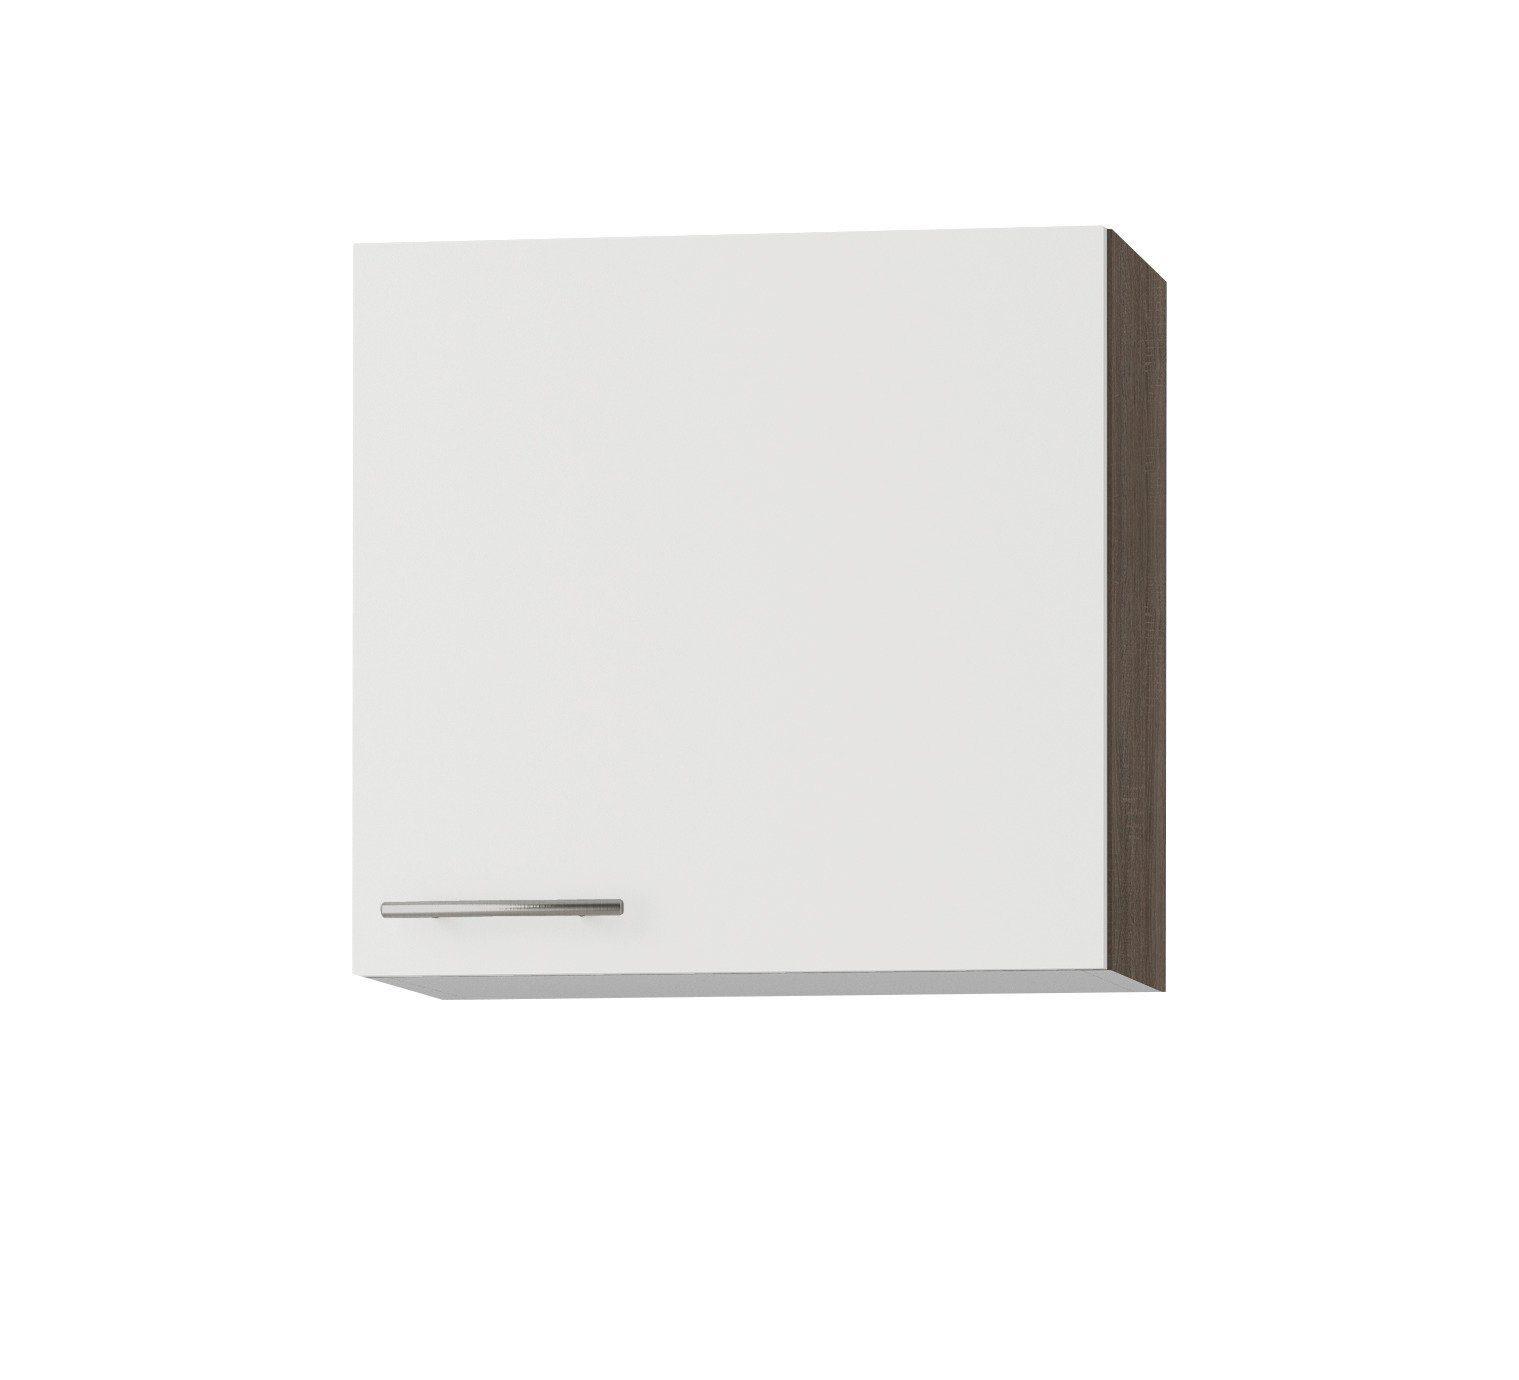 Optifit Küchenhängeschrank »Rabat«, Breite 60 cm